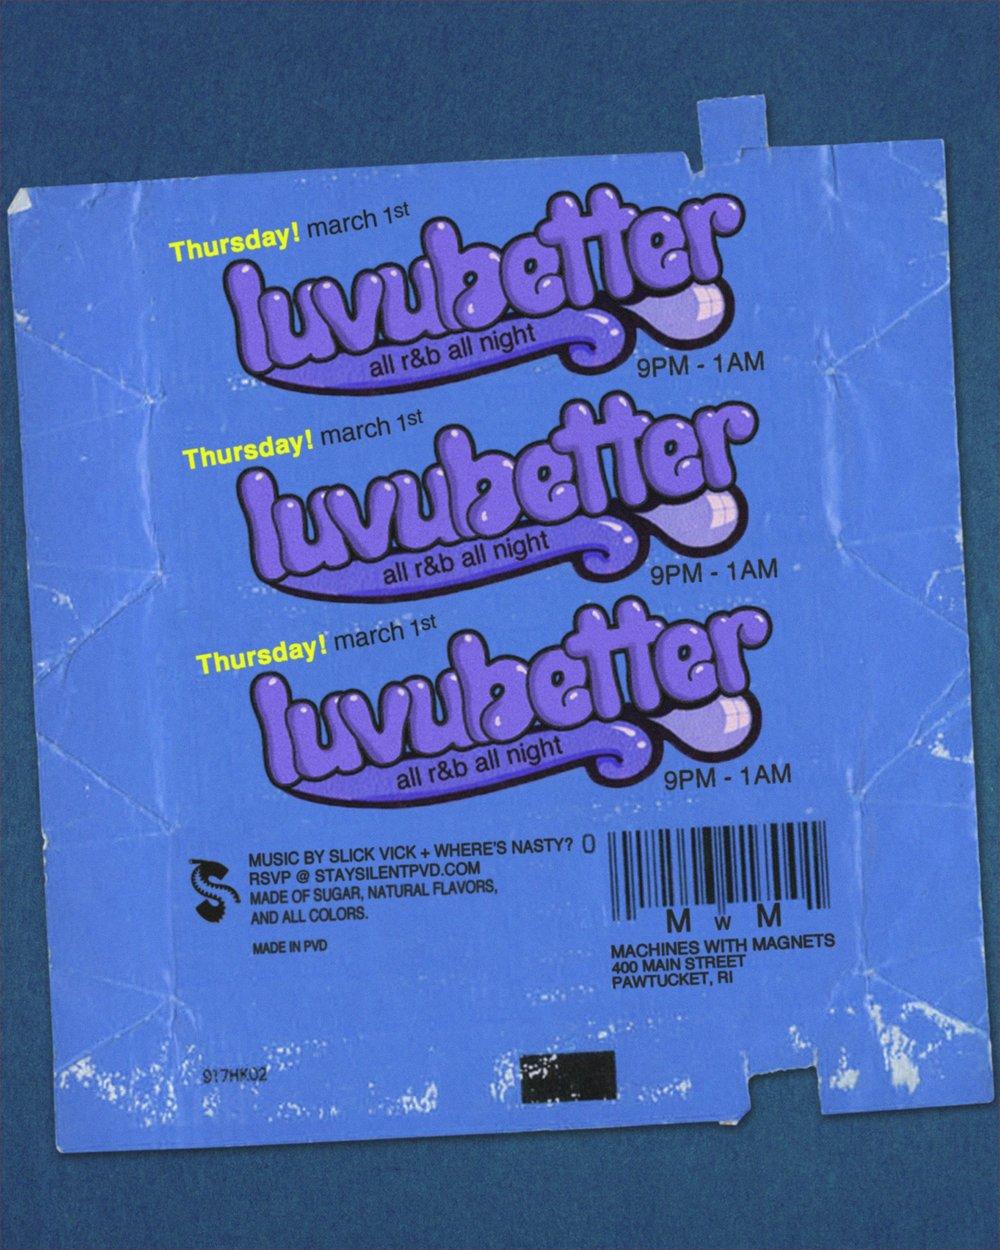 LUVUBETTER-MARCH.jpg.jpeg